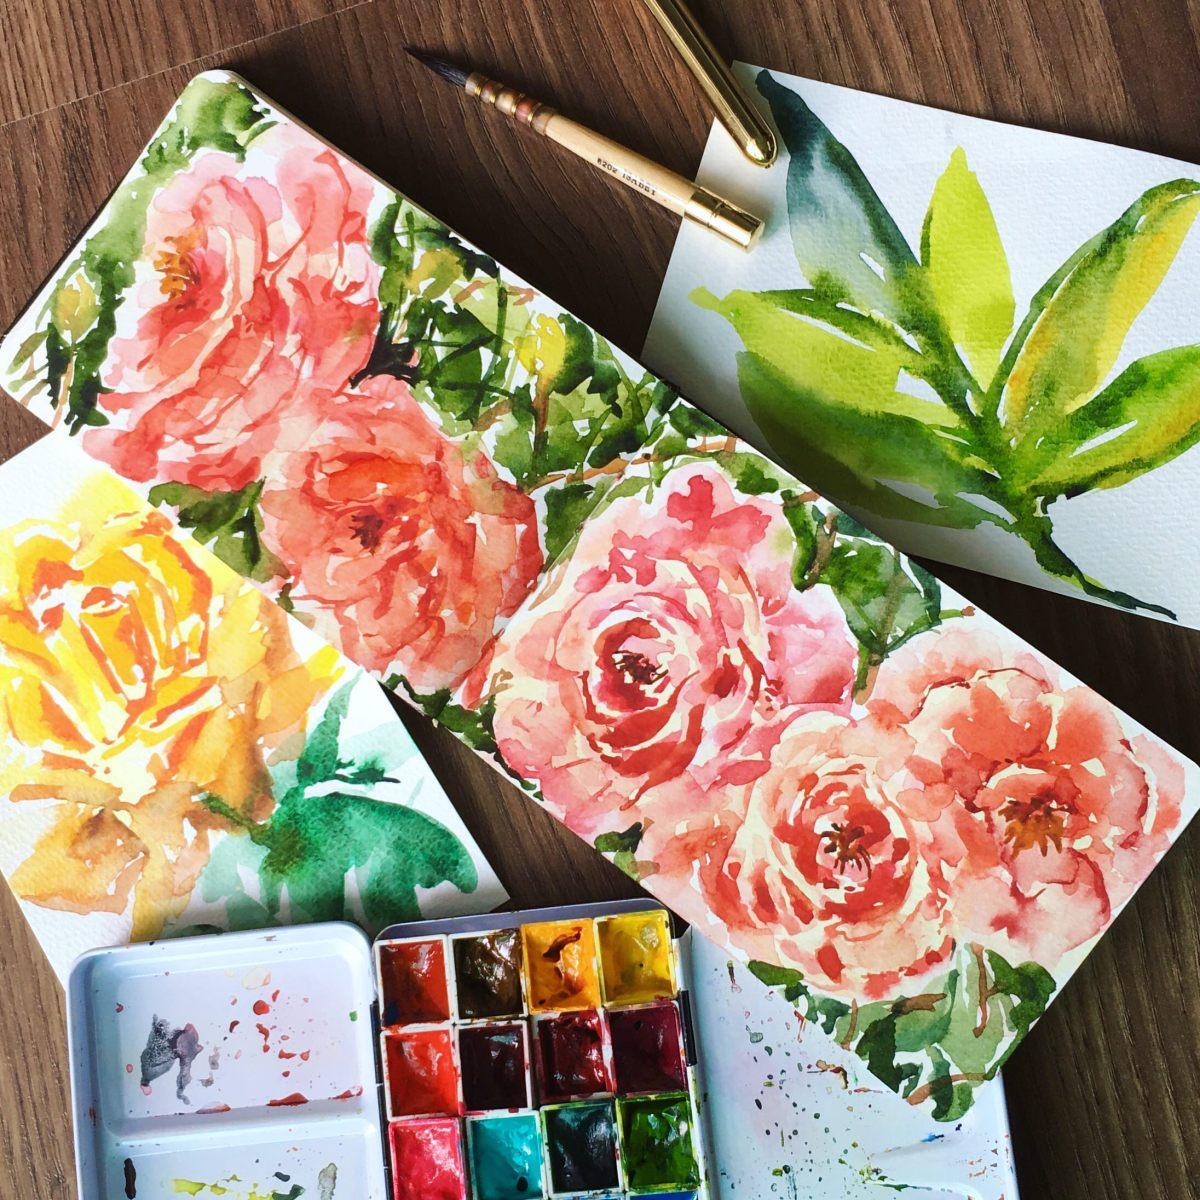 #Doodlewash - #Watercolor by Sarah Ongsun - roses - #WorldWatercolorGroup